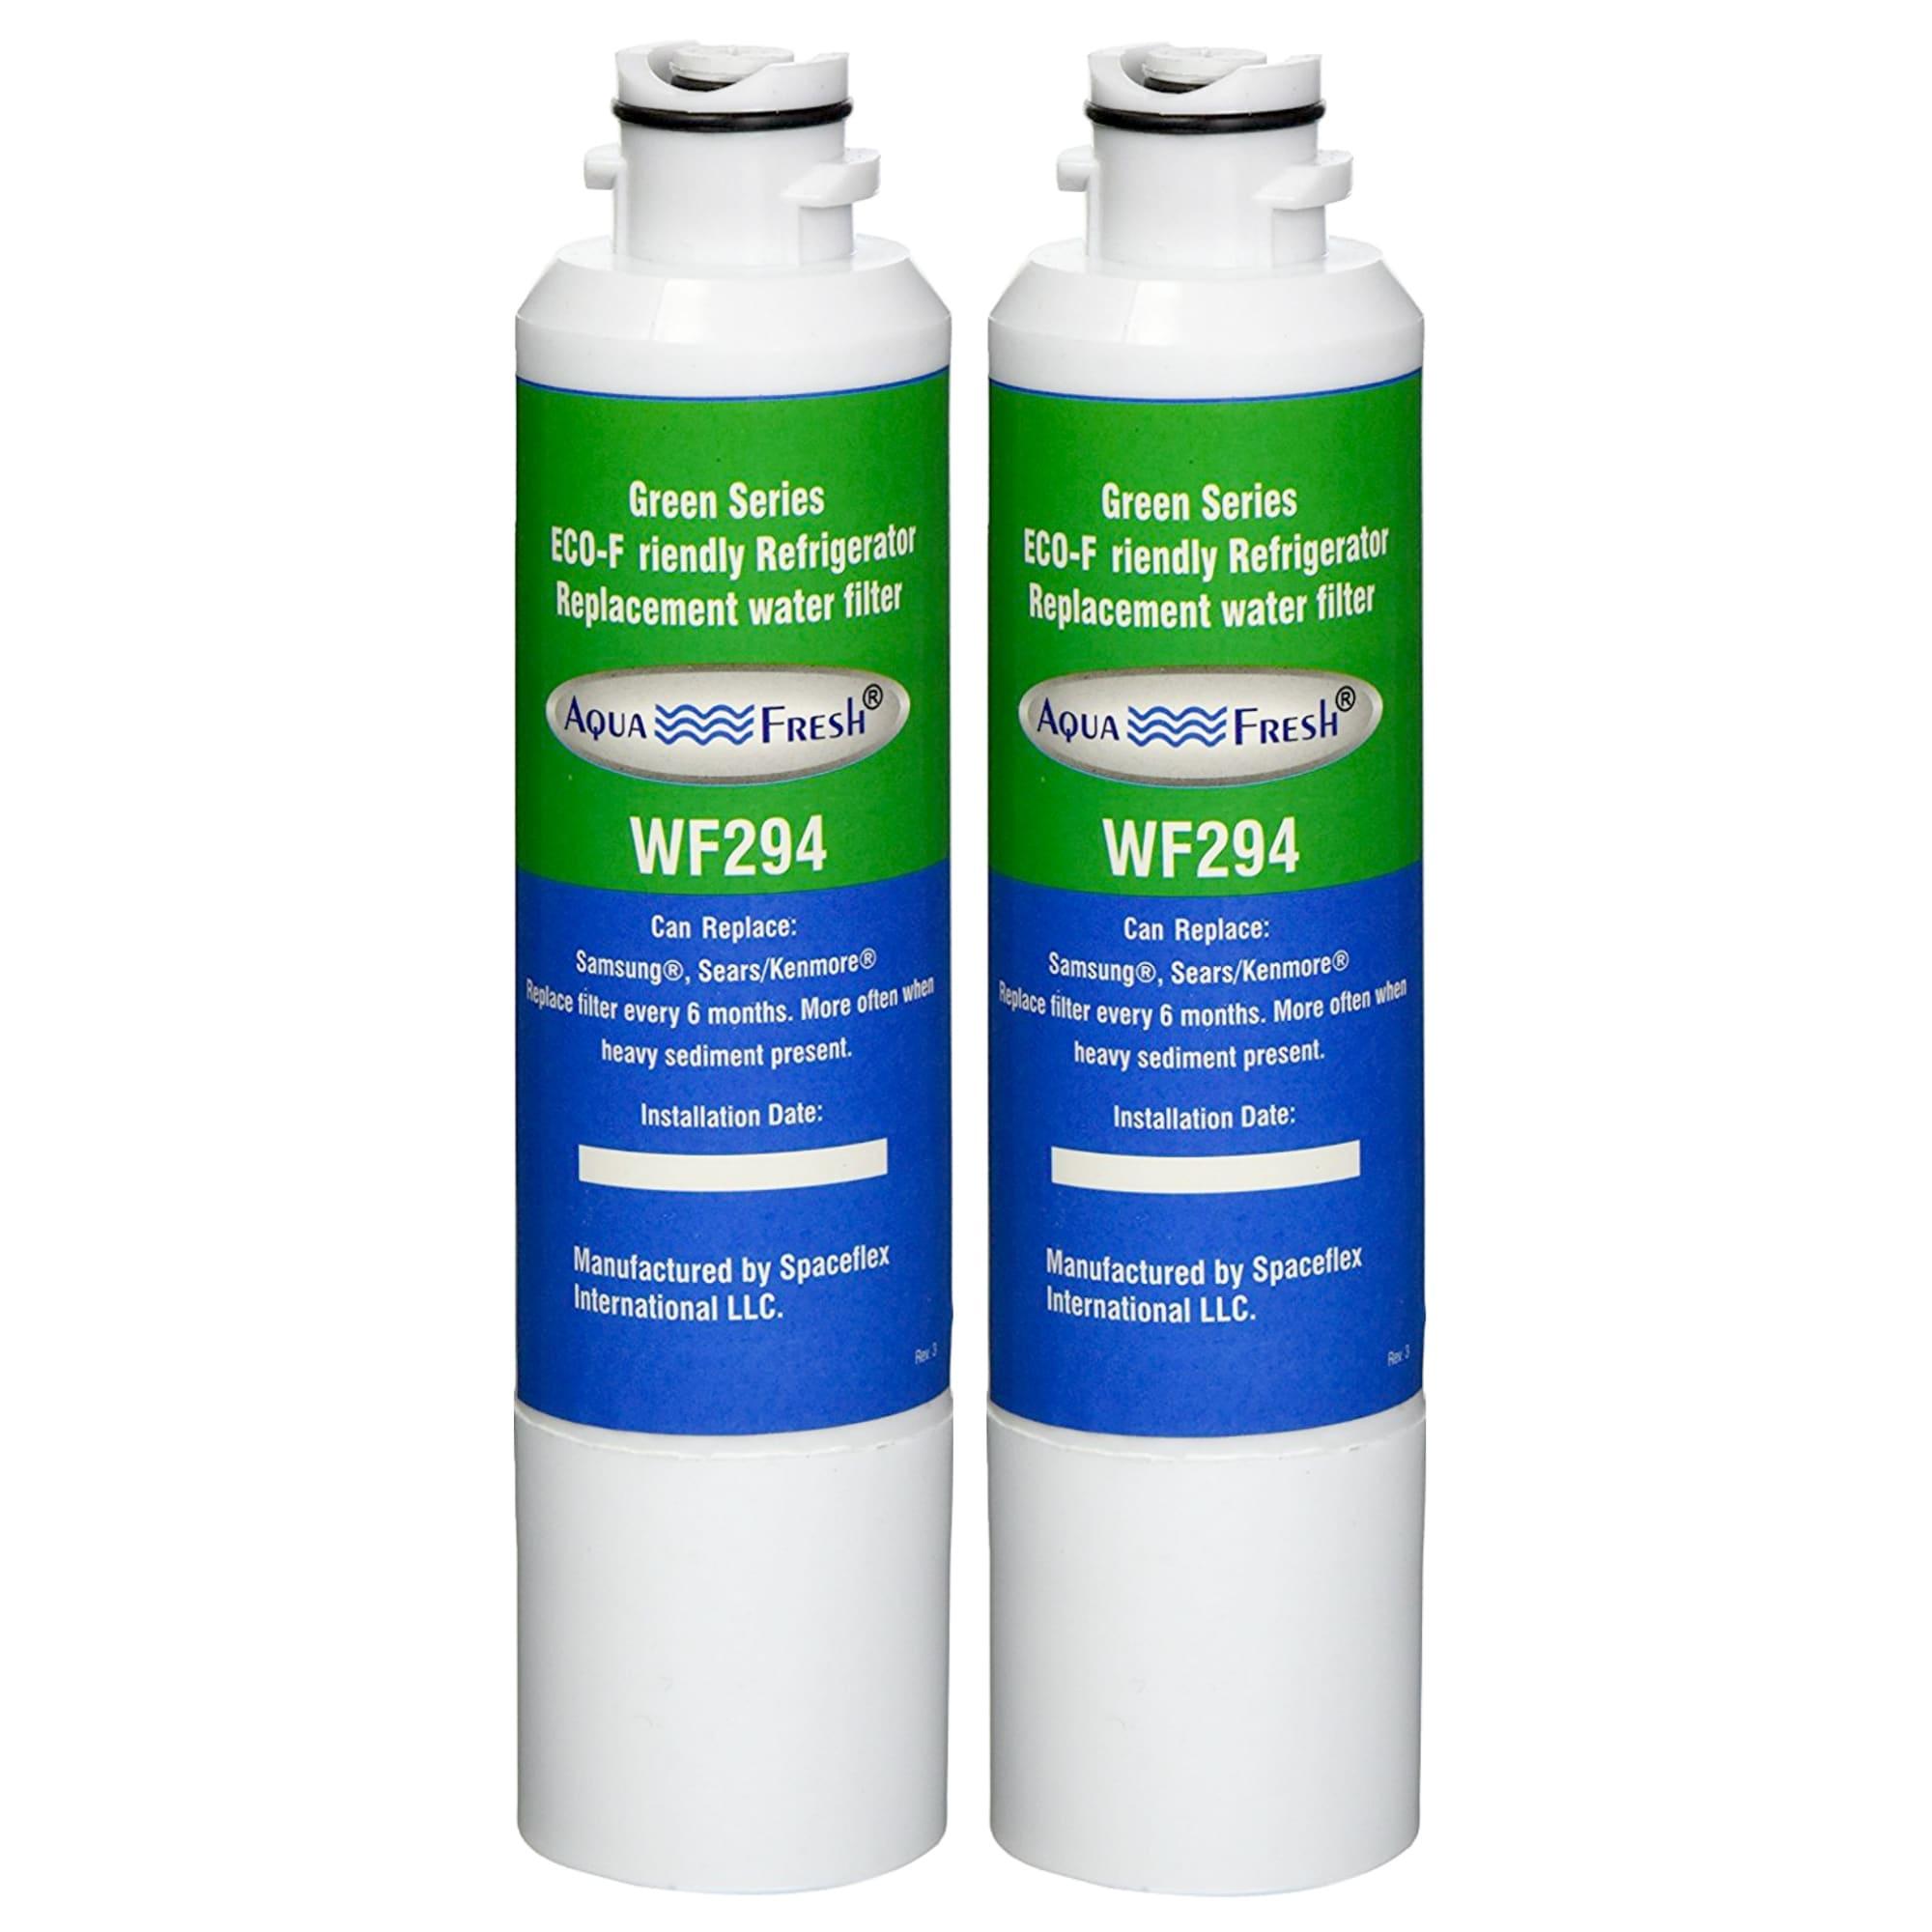 2 Pack Fits Samsung DA29-00020A Refrigerators Aqua Fresh Water Filter